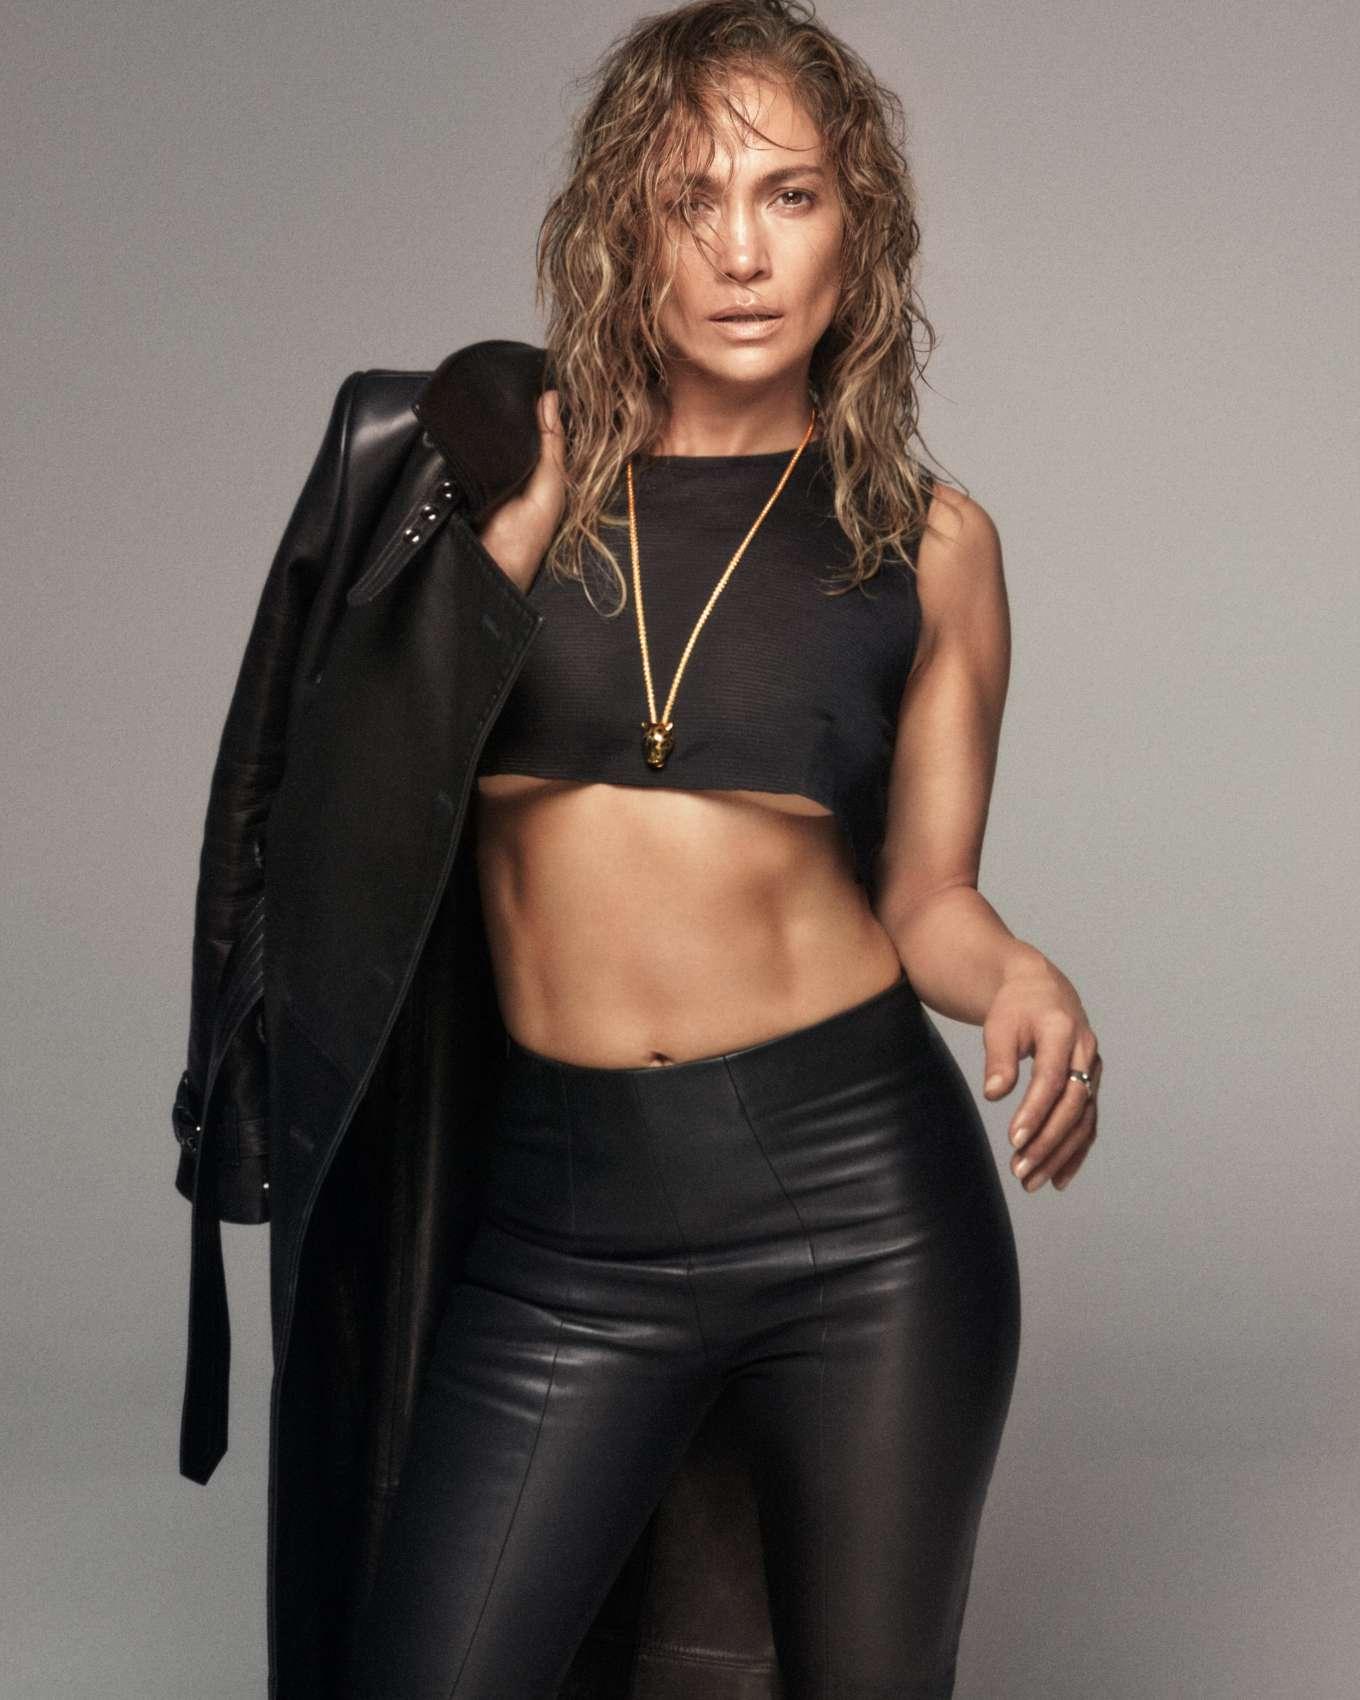 Jennifer Lopez 2019 : Jennifer Lopez – GQ Magazine 2020-02